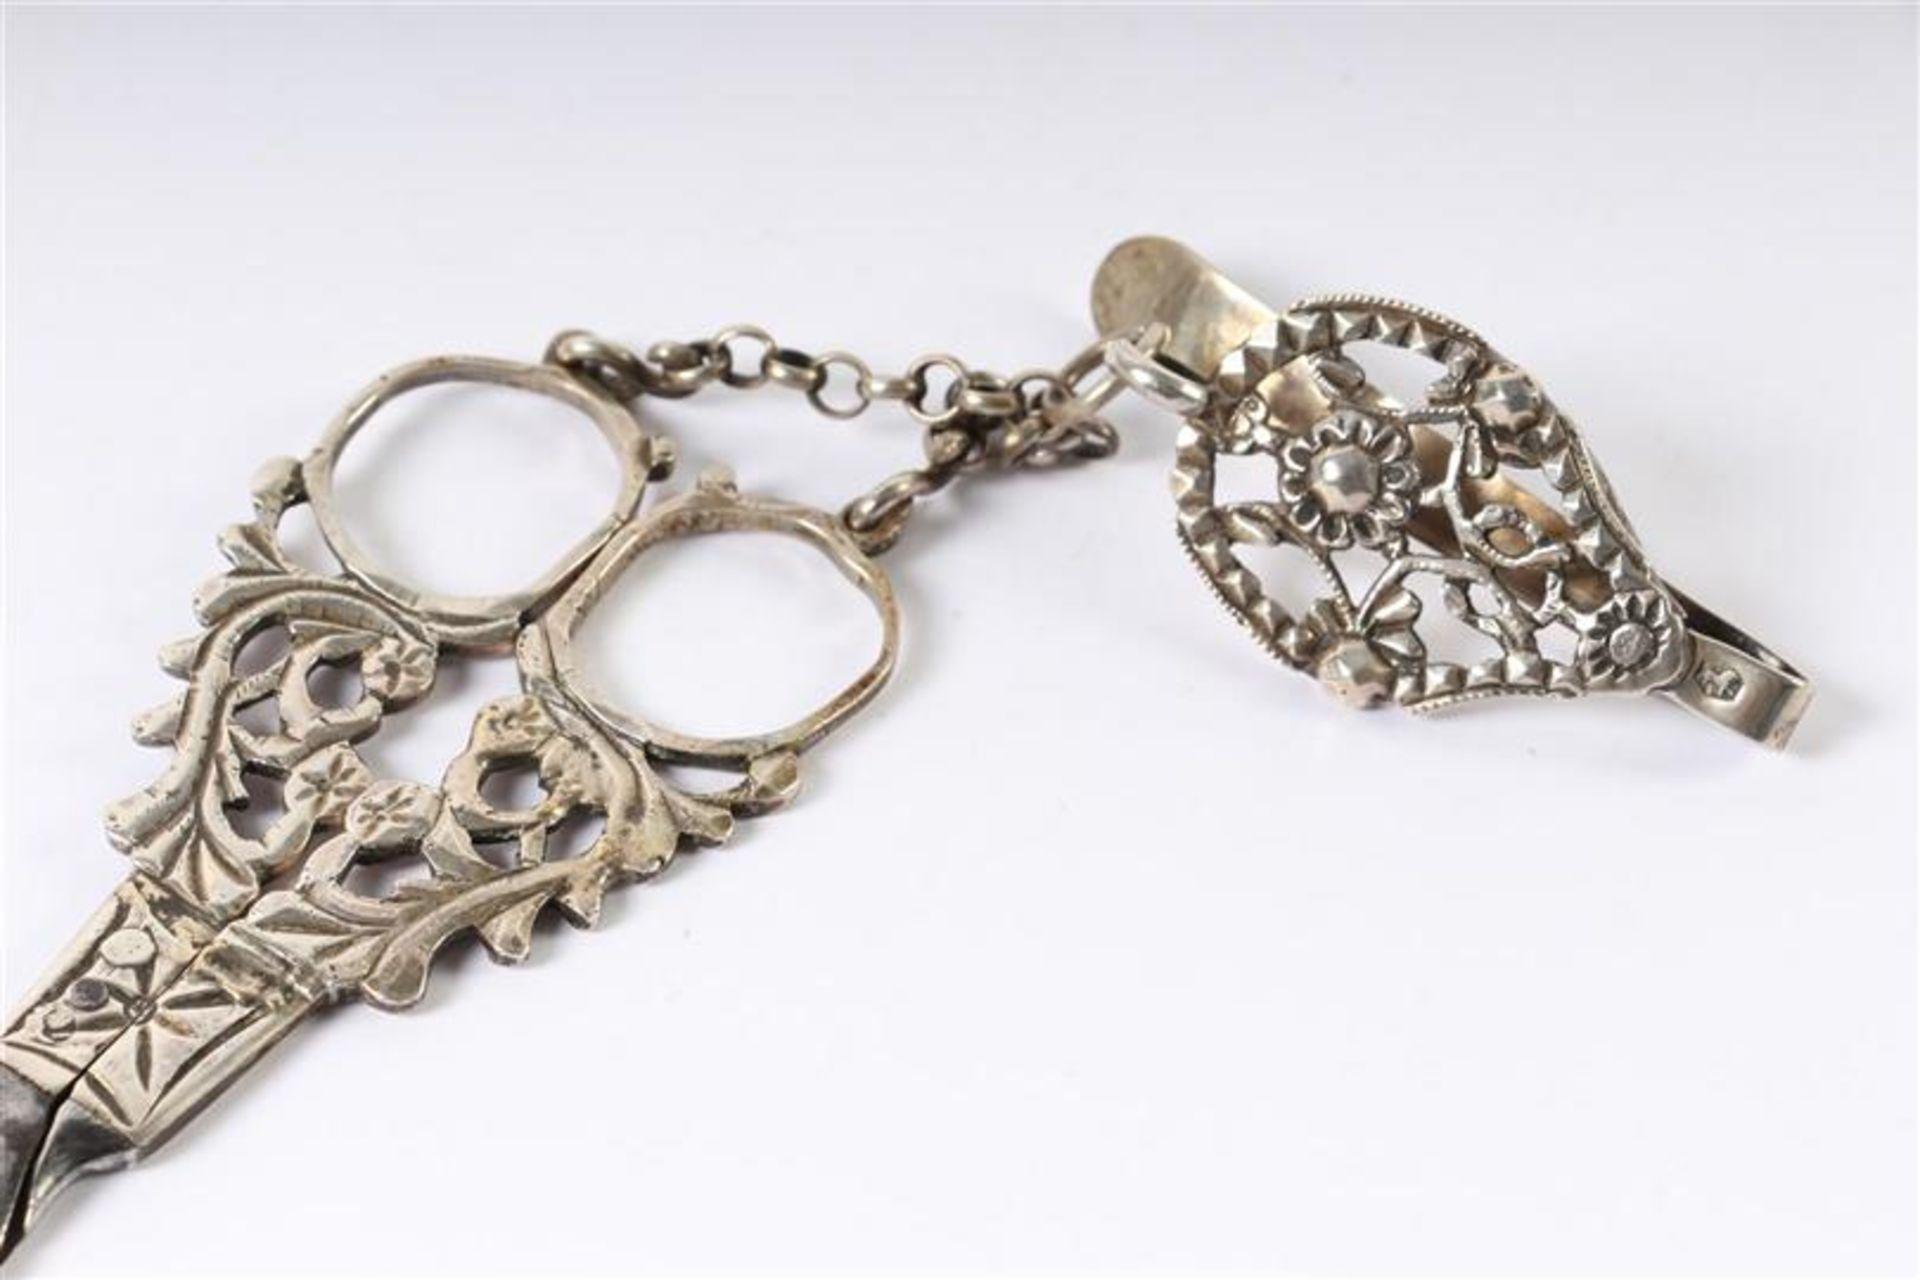 Los 30 - Zilveren broekhaak met hieraan een schaar en een zilveren naaldenkoker, Hollands gekeurd. L: 22 en